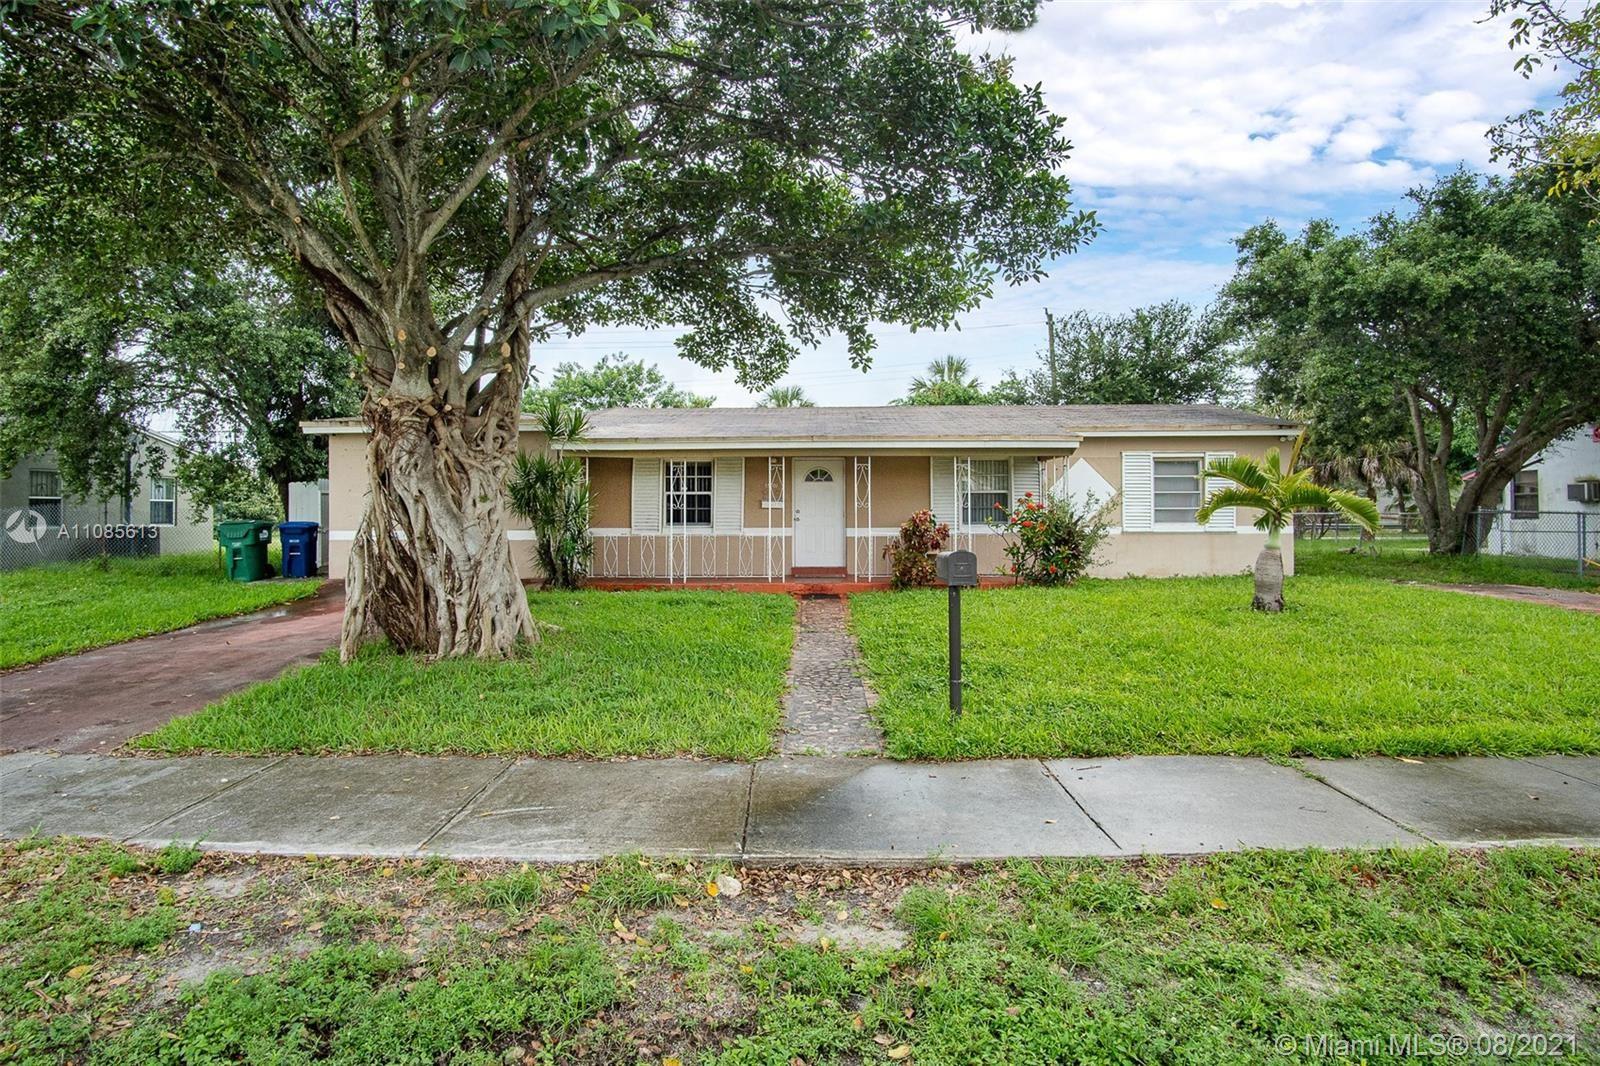 15901 NW 17th Ct, Miami Gardens, FL 33054 - #: A11085613